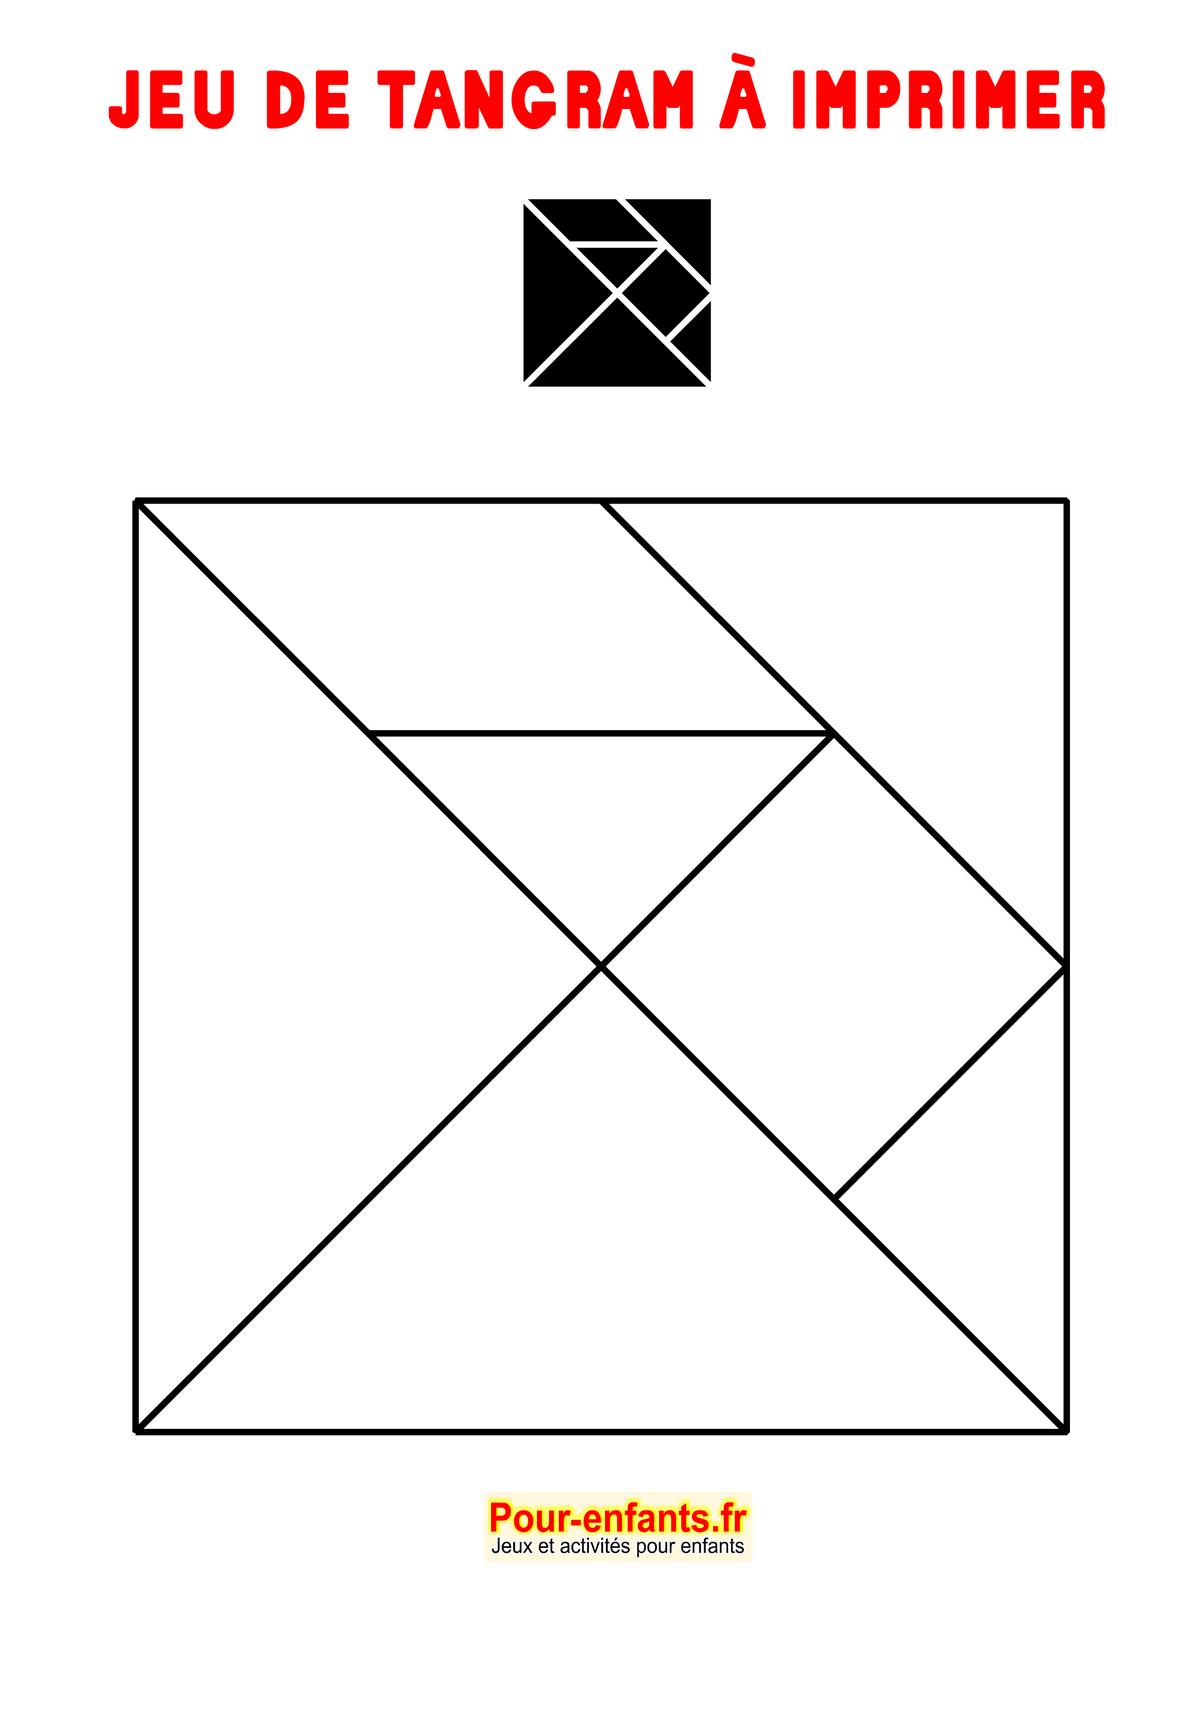 Tangram À Imprimer Maternelle Gratuit Jeux Tangrams dedans Jeux Educatif Maternelle Petite Section